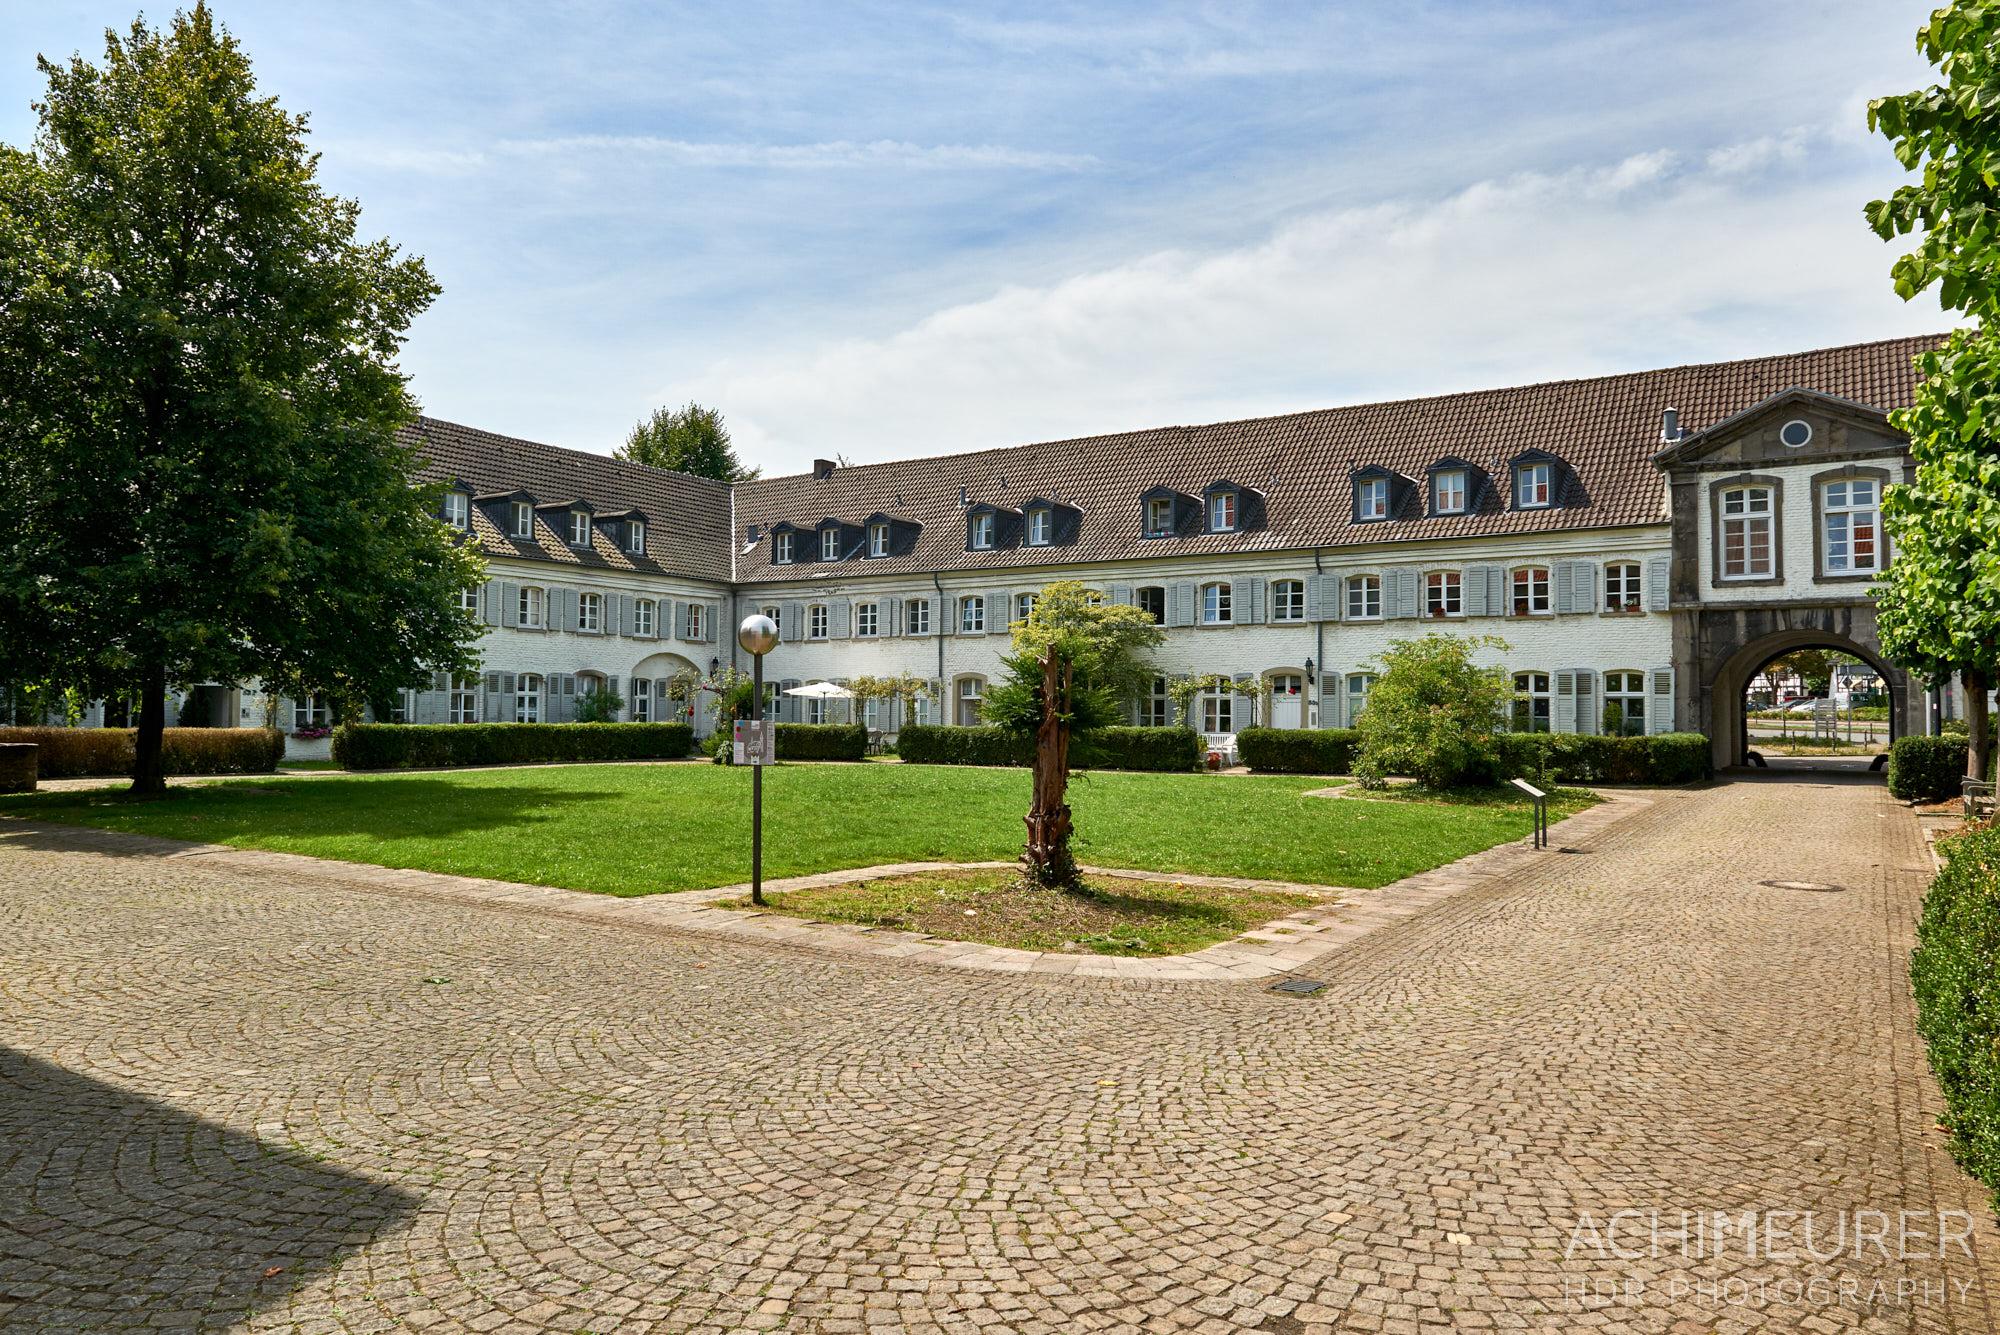 Impressionen aus Mülheim a.d. Ruhr, Ruhrgebiet , NRW by Array.